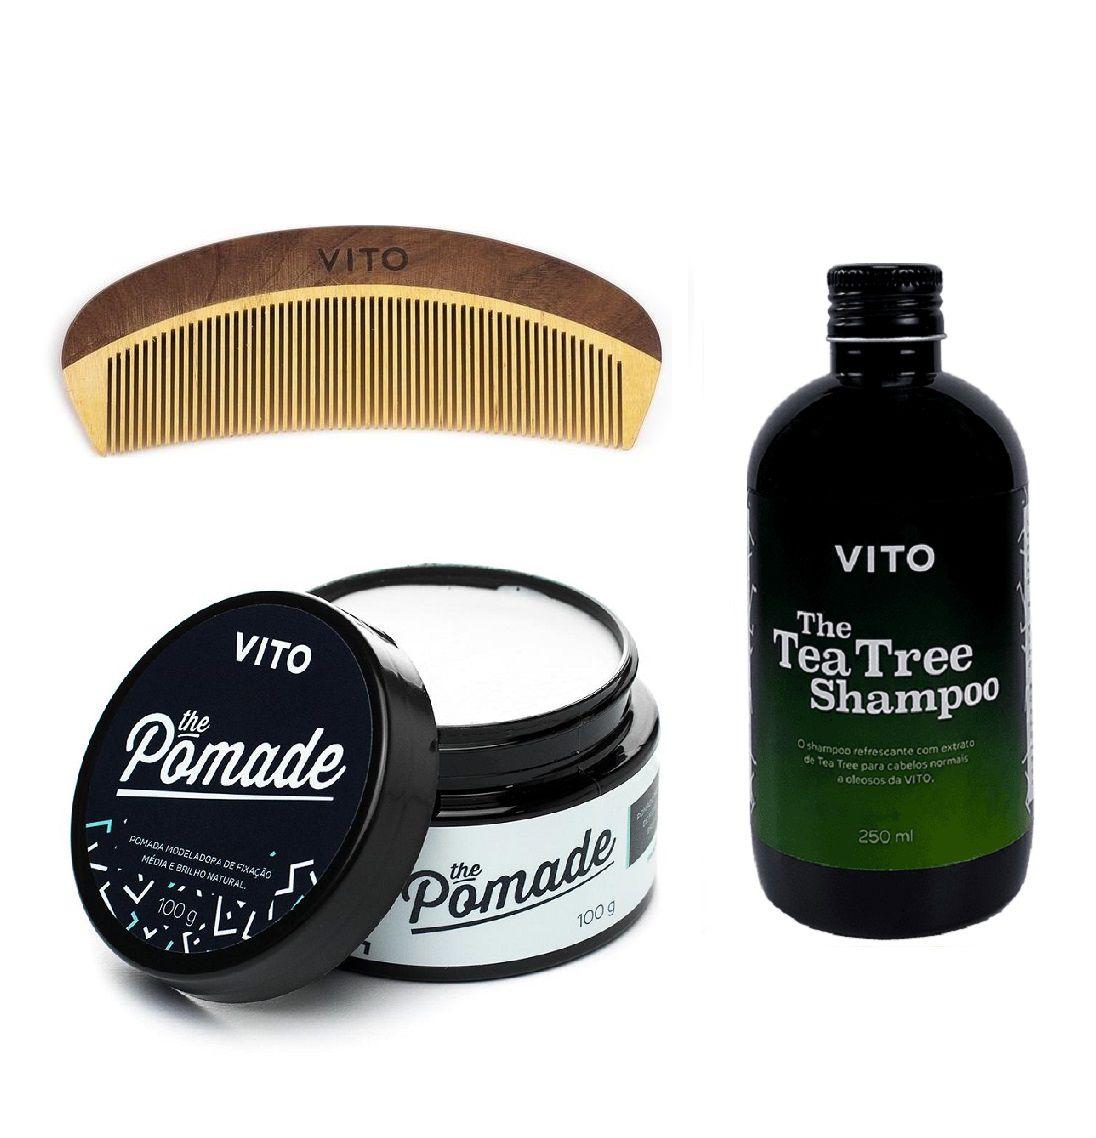 Kit Combo Para Cabelos - Fixação Media - Shampoo + Pomade + Pente - Vito